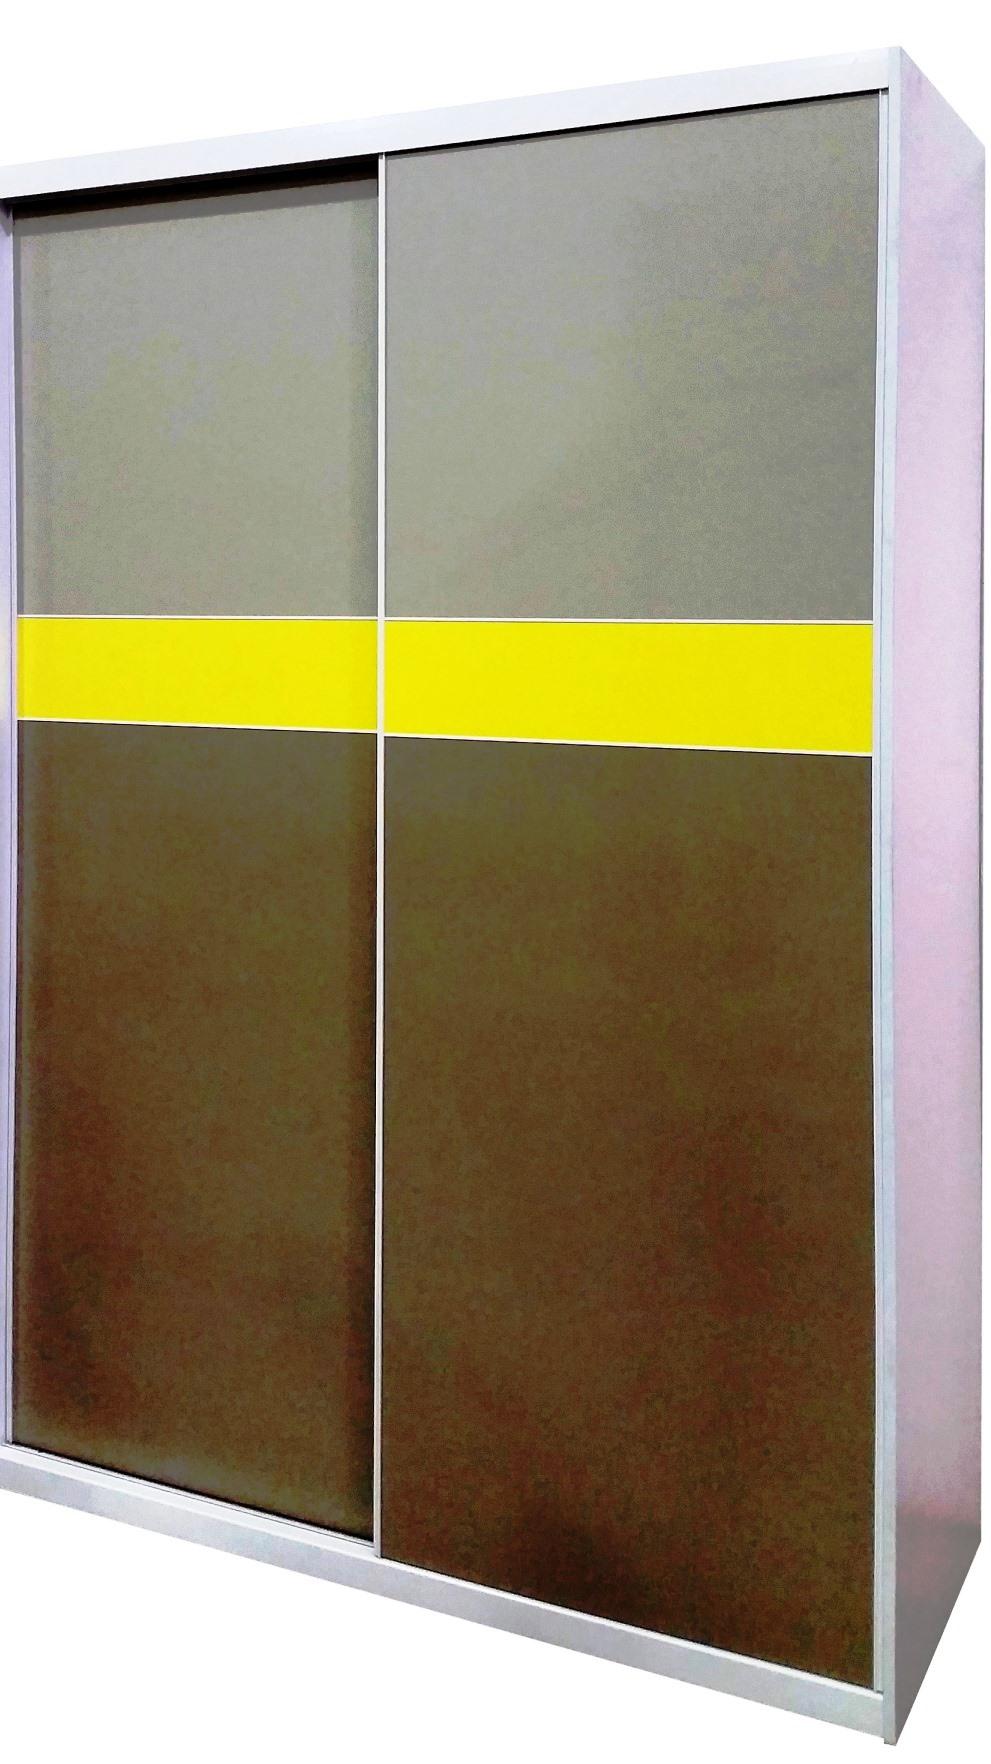 טרנד הארונות מרובי הצבעים. רהיטי דורון. צילום אסף טייכמן